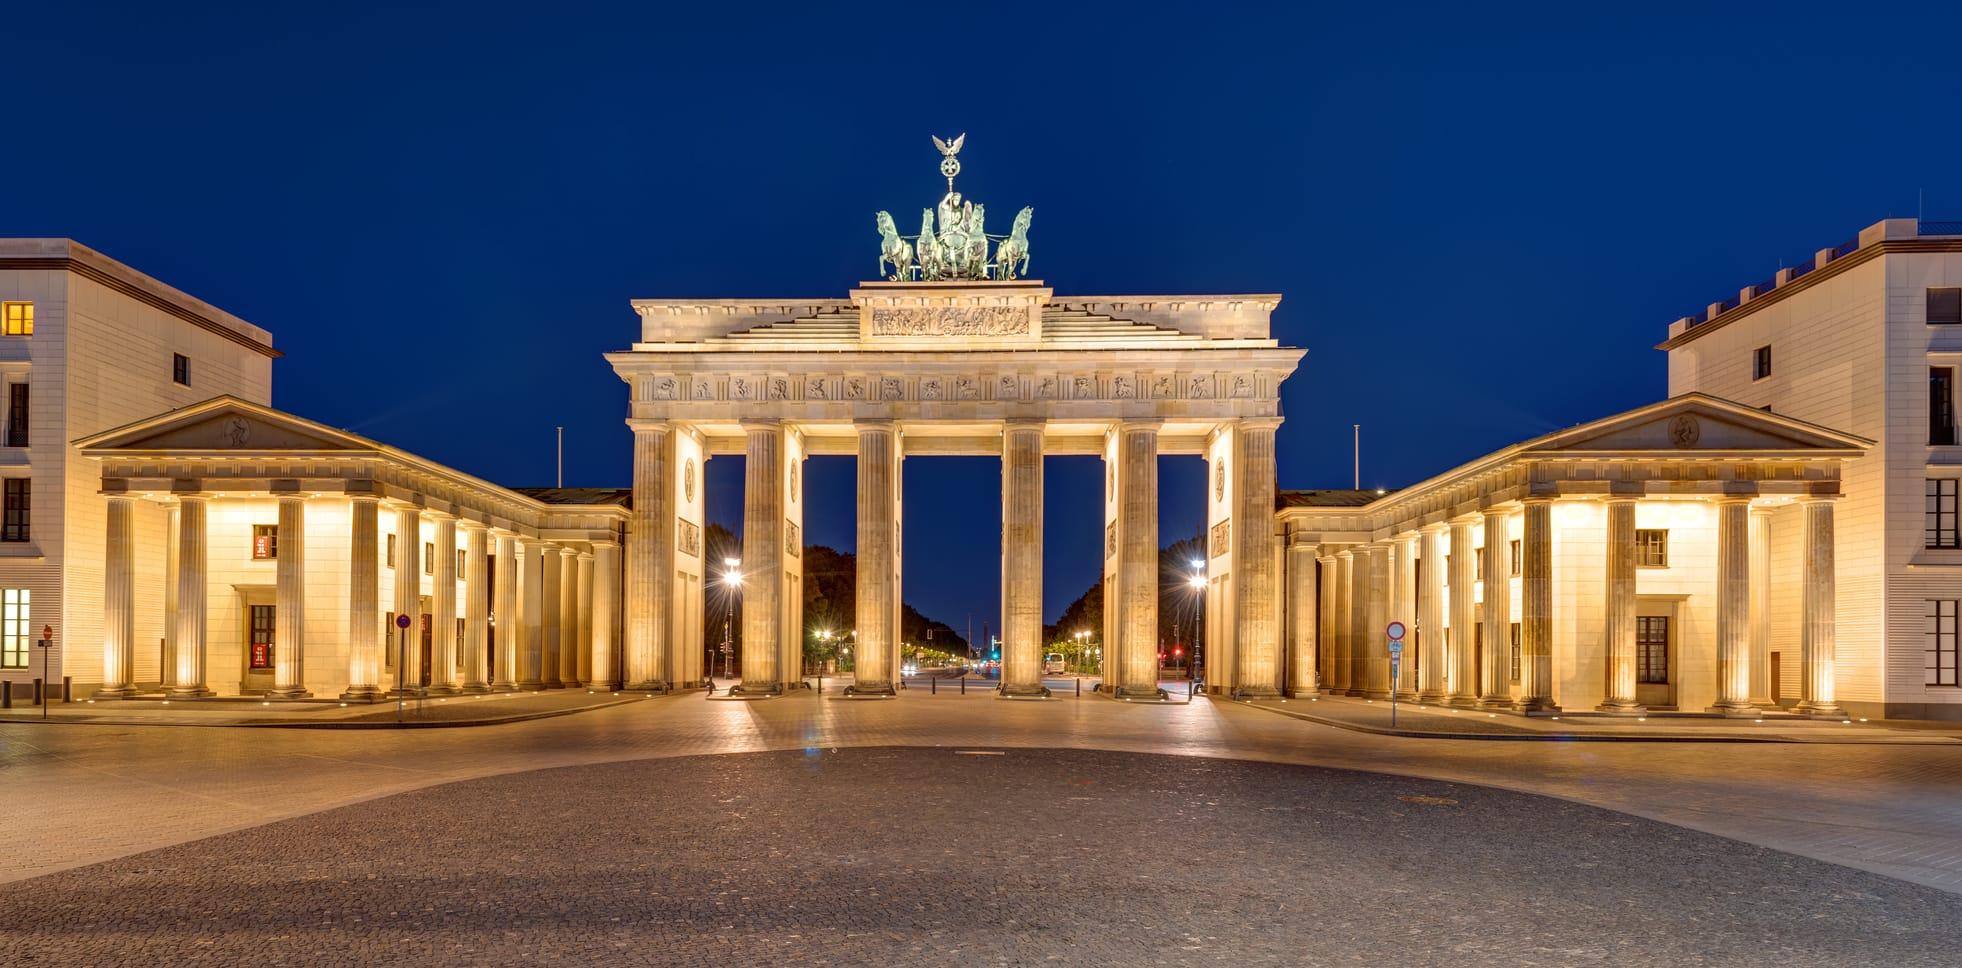 Berlin, Brandenburger Tor,Sehenswürdigkeit, Reiseführer, Reisetipps, Highlights, Rundgang, Sightseeing, Stadtplan